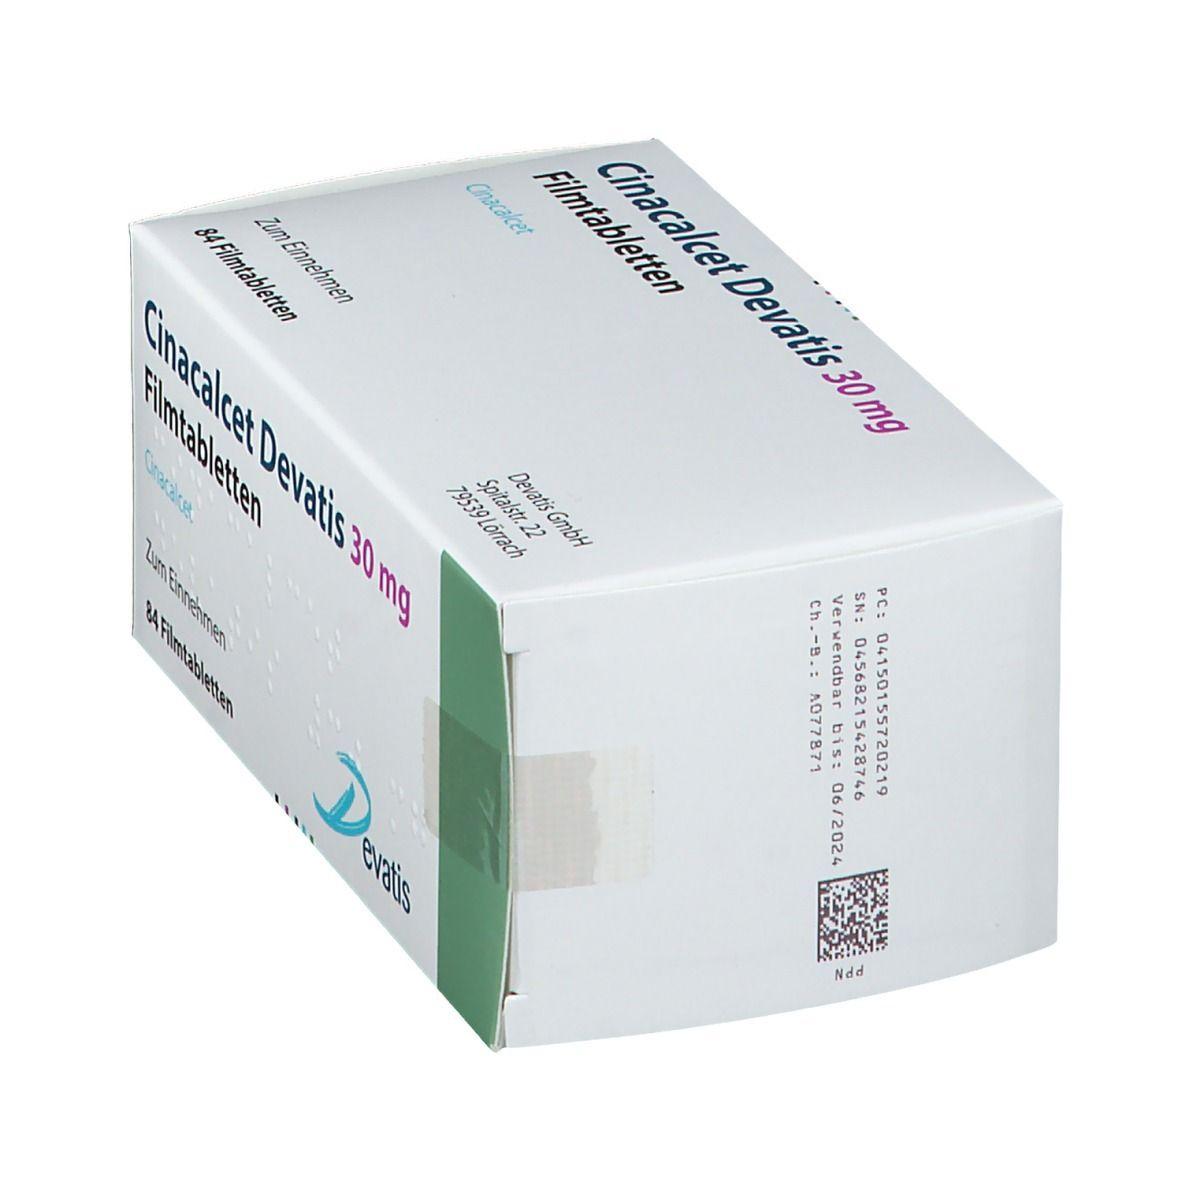 CINACALCET Devatis 30 mg Filmtabletten